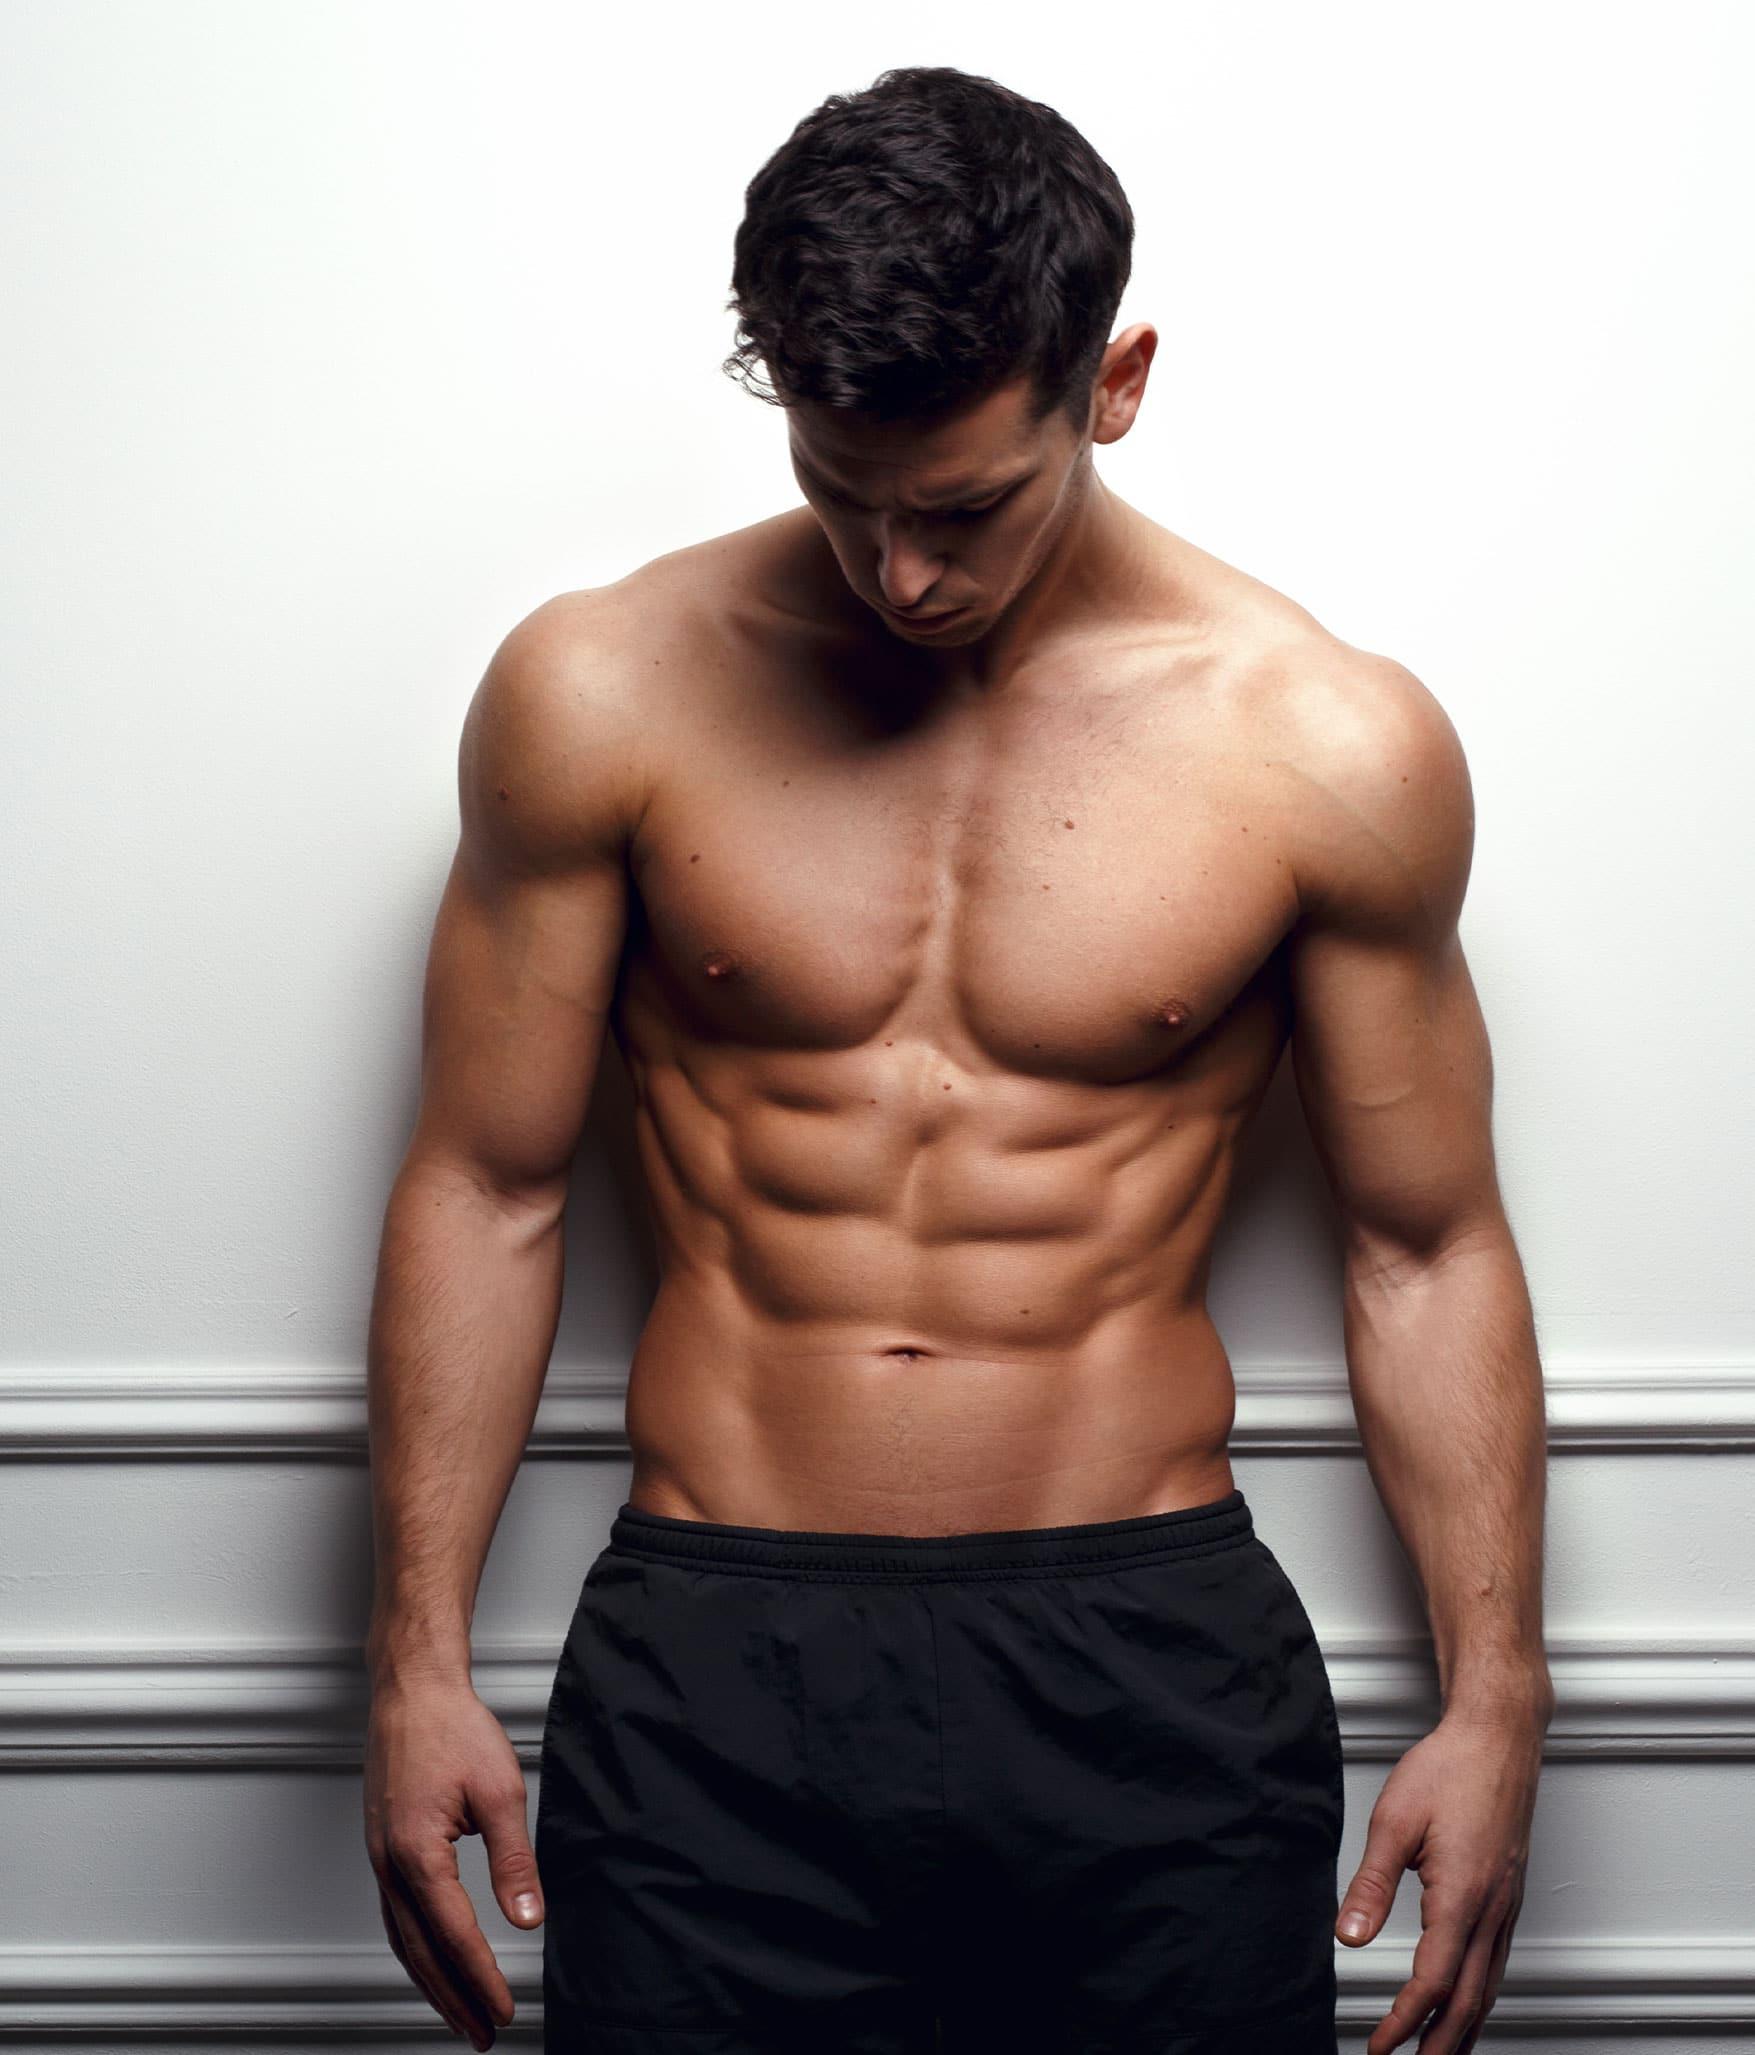 Brustimplantate für Männer (Pektoralisimplantate) für die Brustmuskelvergrößerung werden immer beliebter